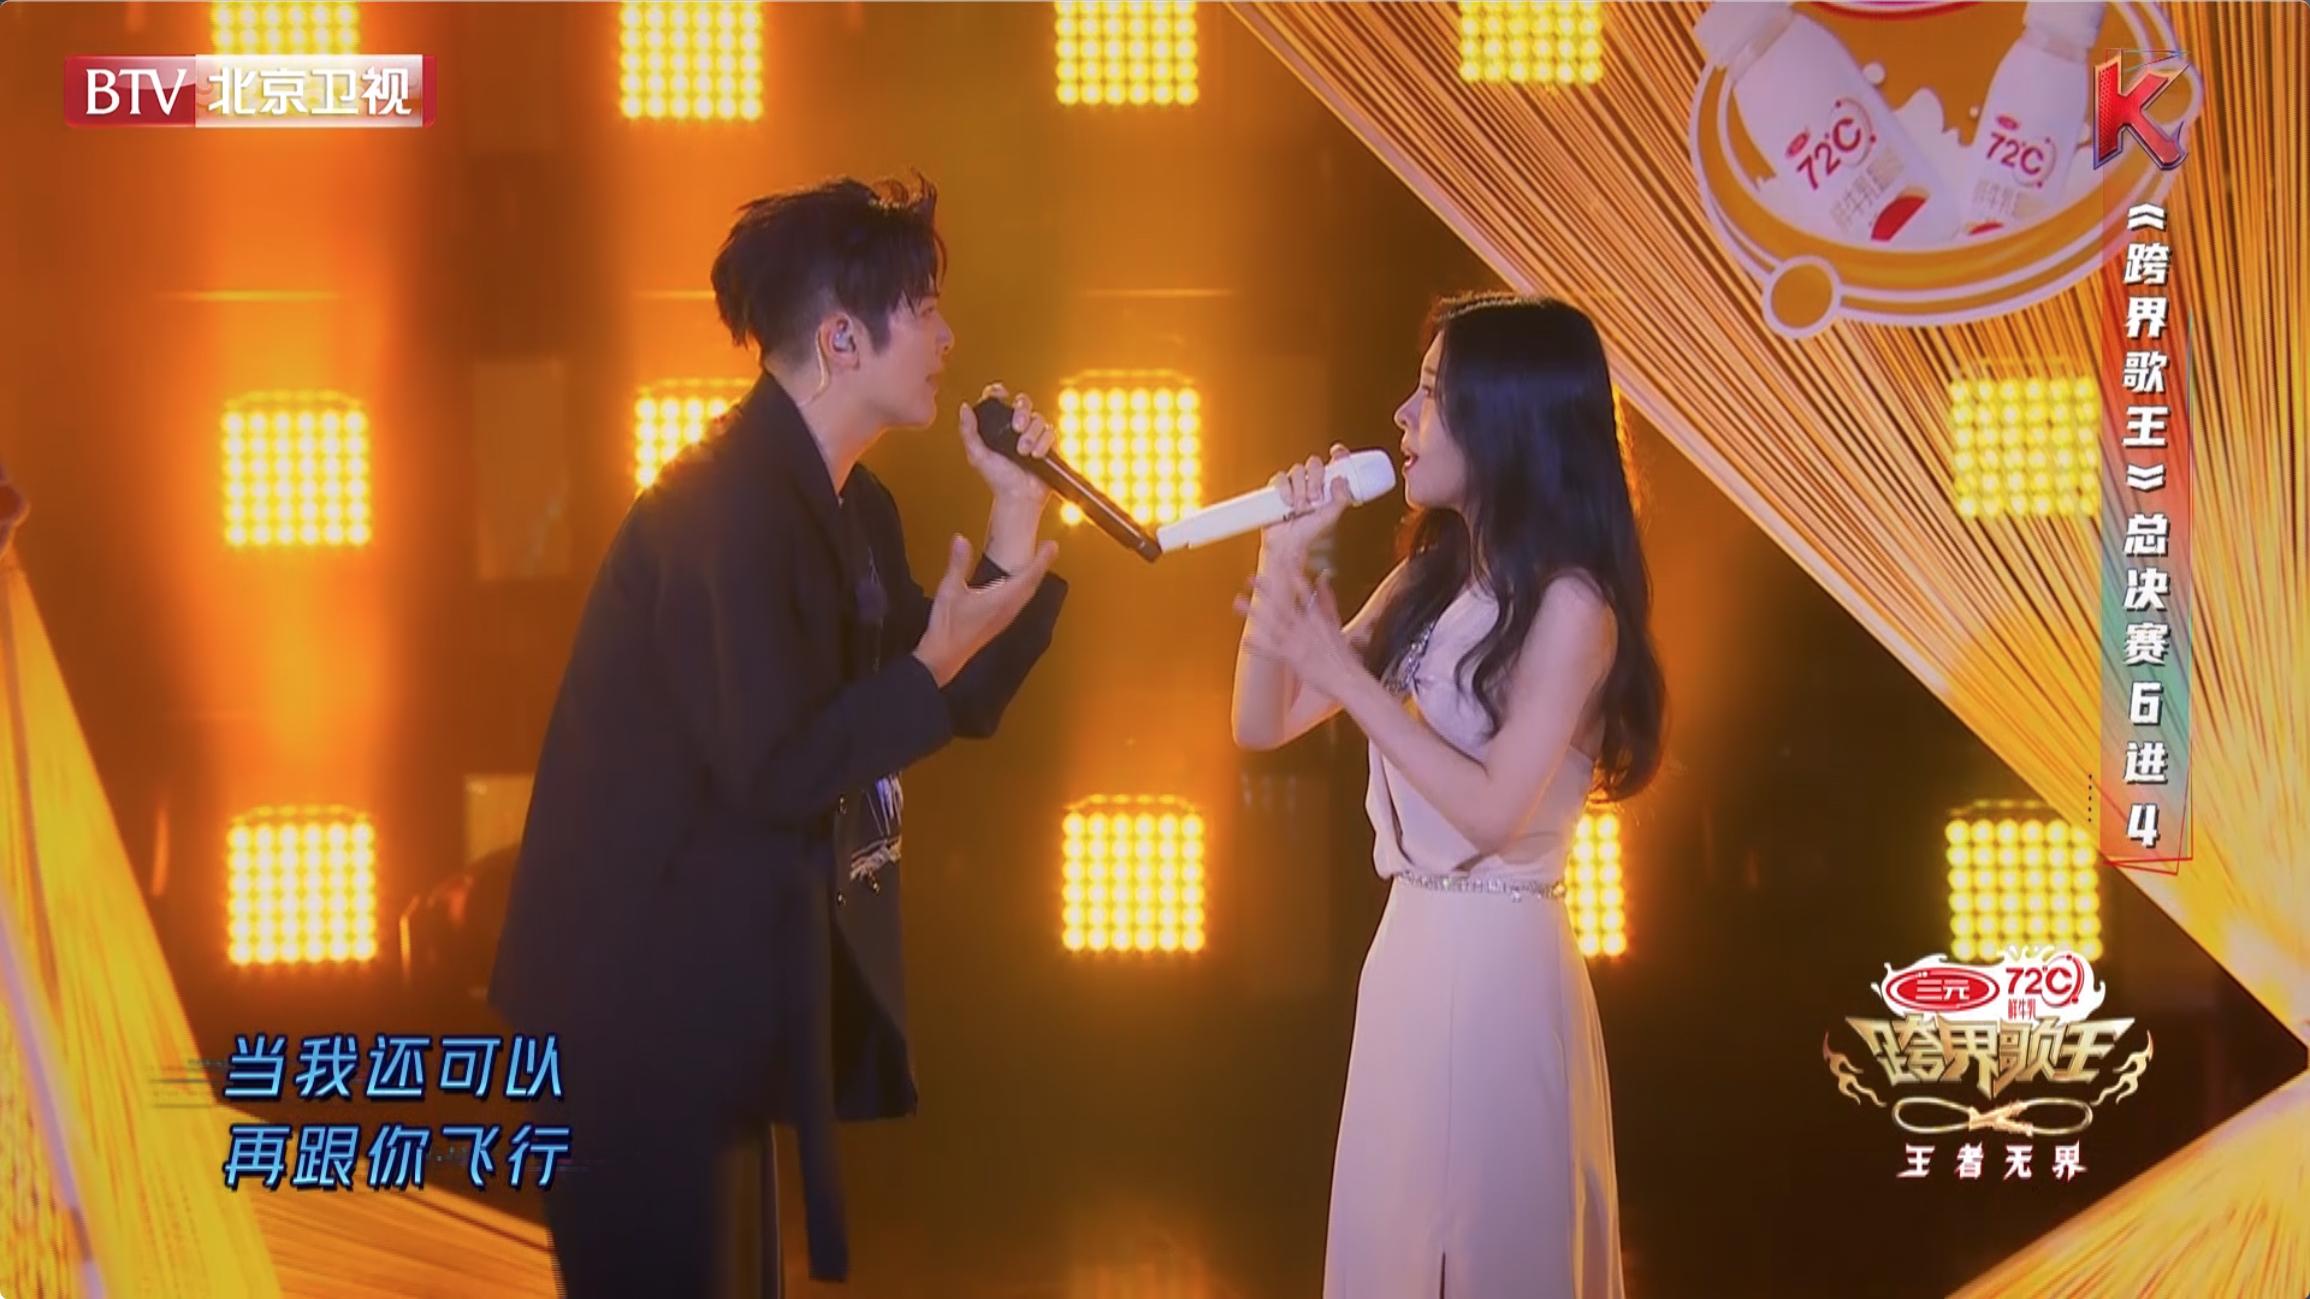 张碧晨再次来到跨界舞台,助力帮唱刘端端,共同演绎情歌《水星记》